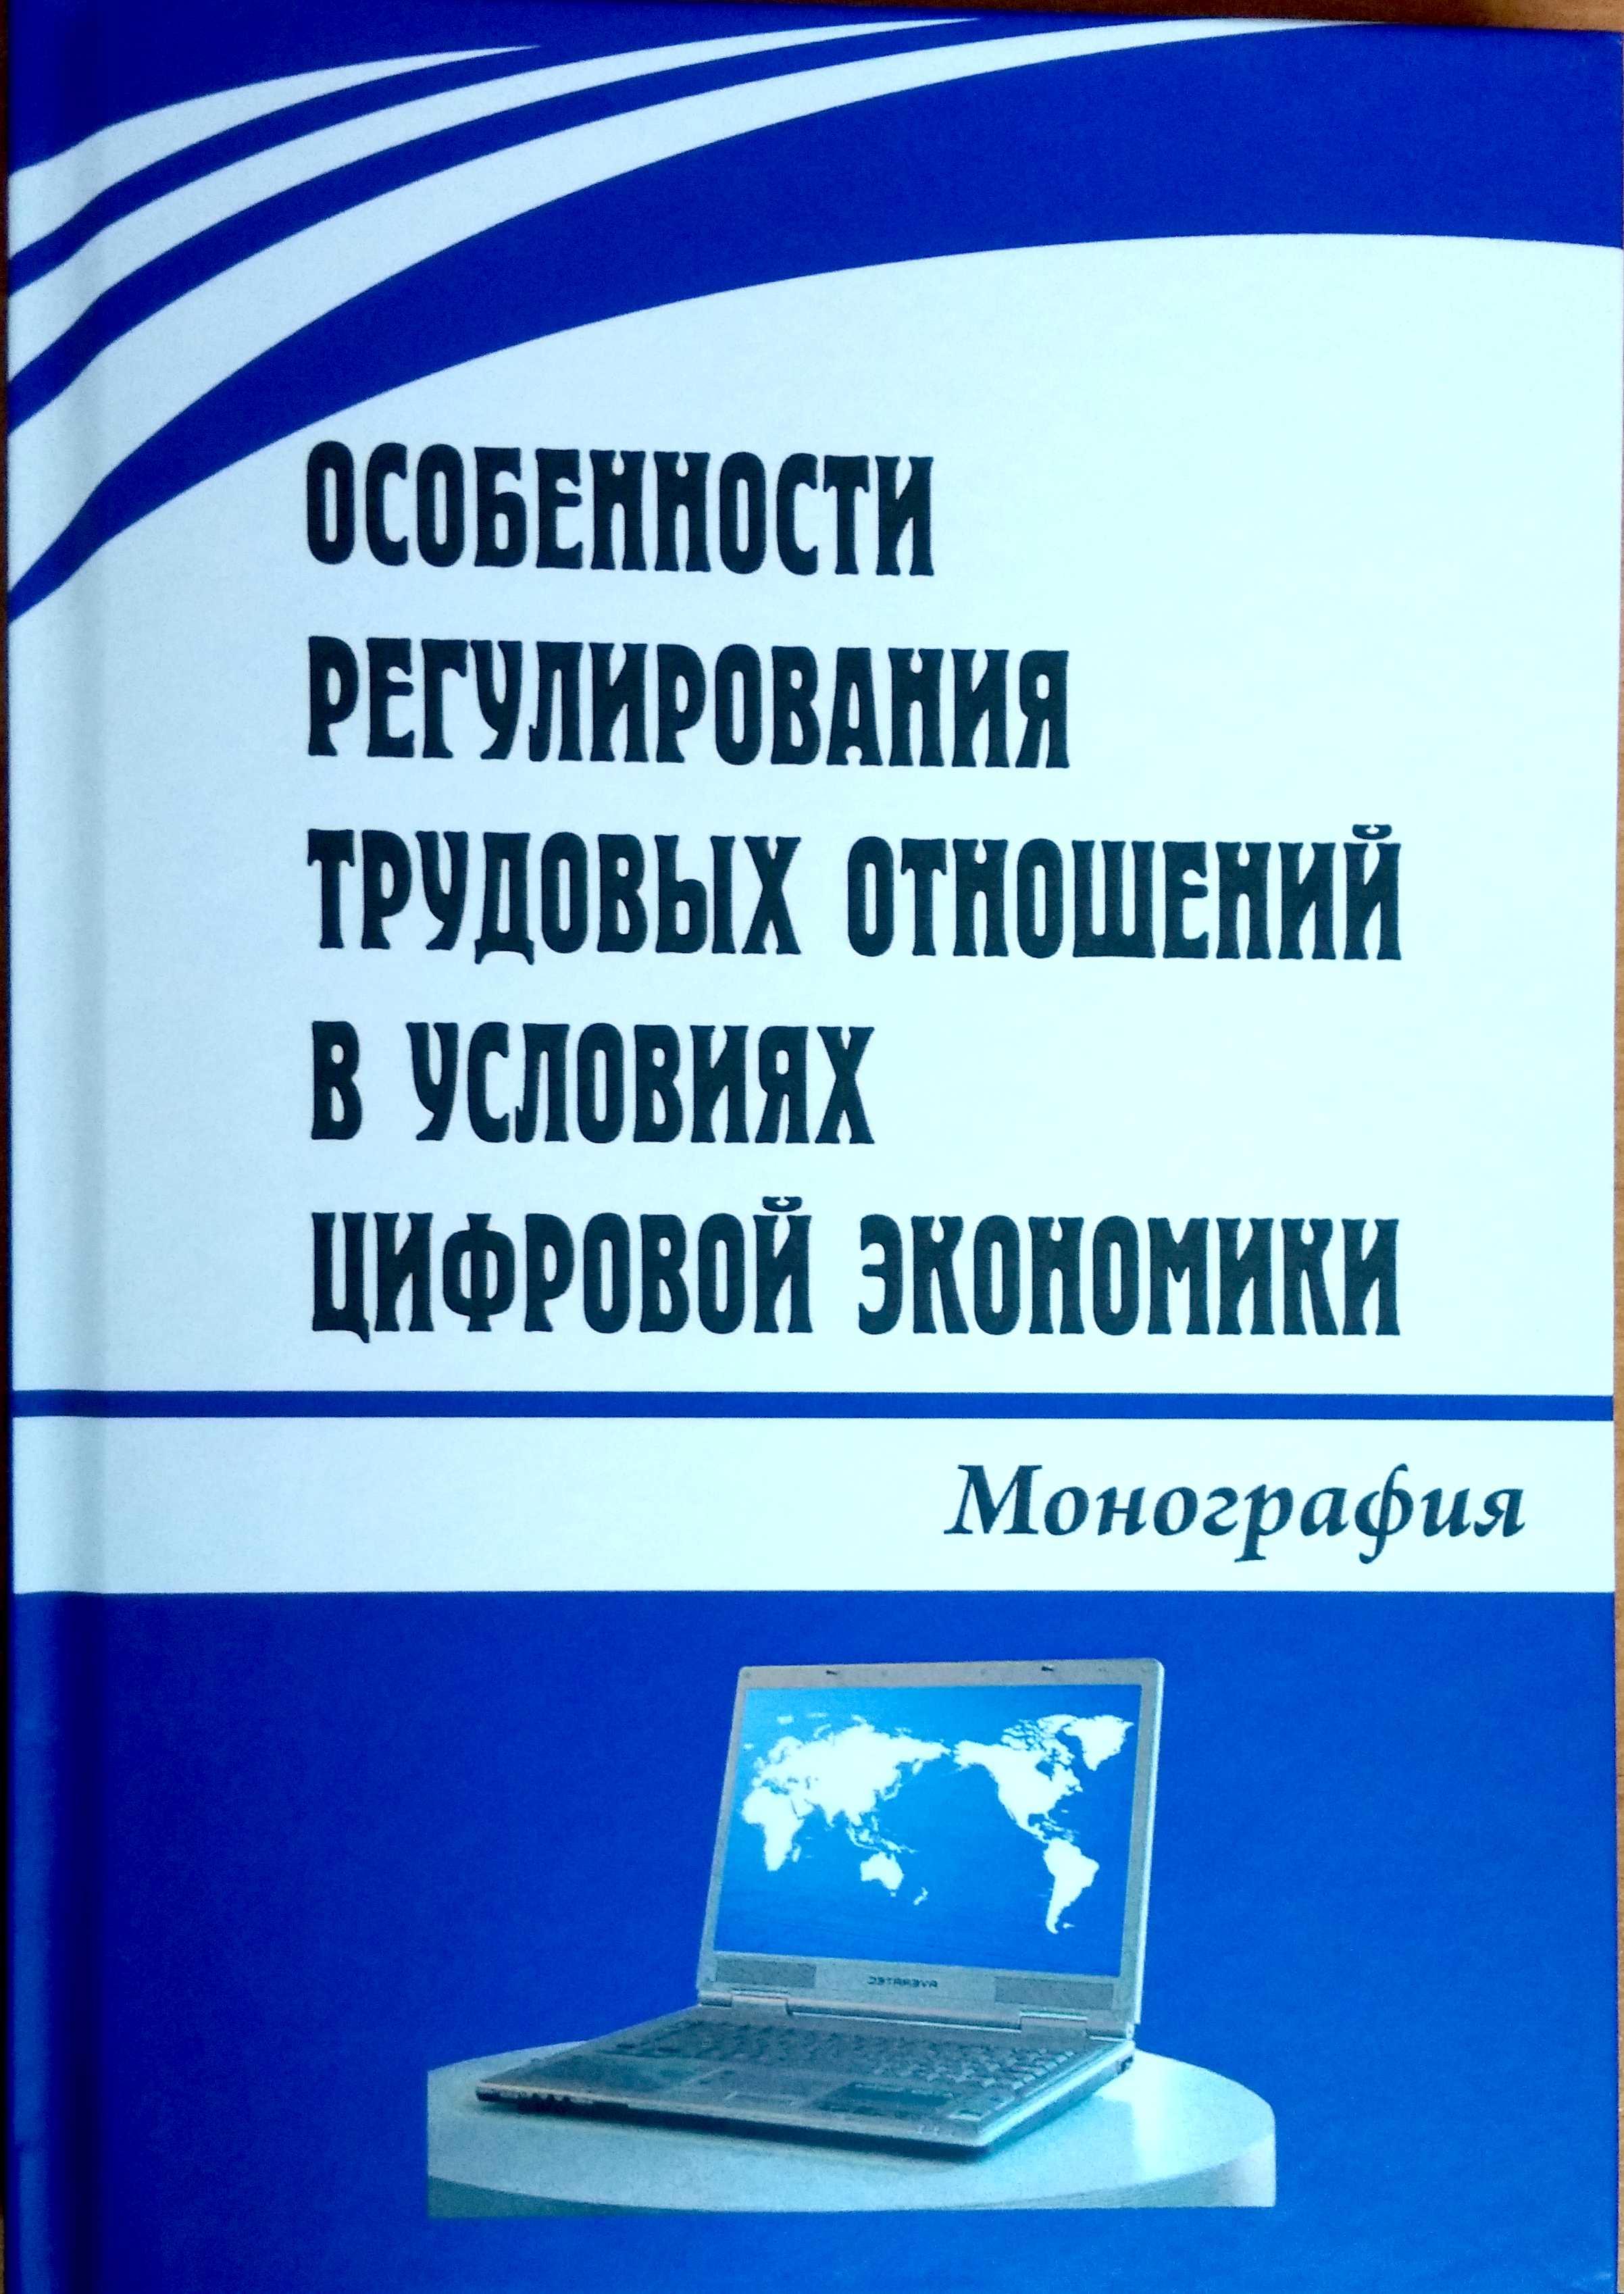 Систематизация норм трудового кодекса РФ с целью создания условий для применения информационных технологий в регулировании трудовых отношений